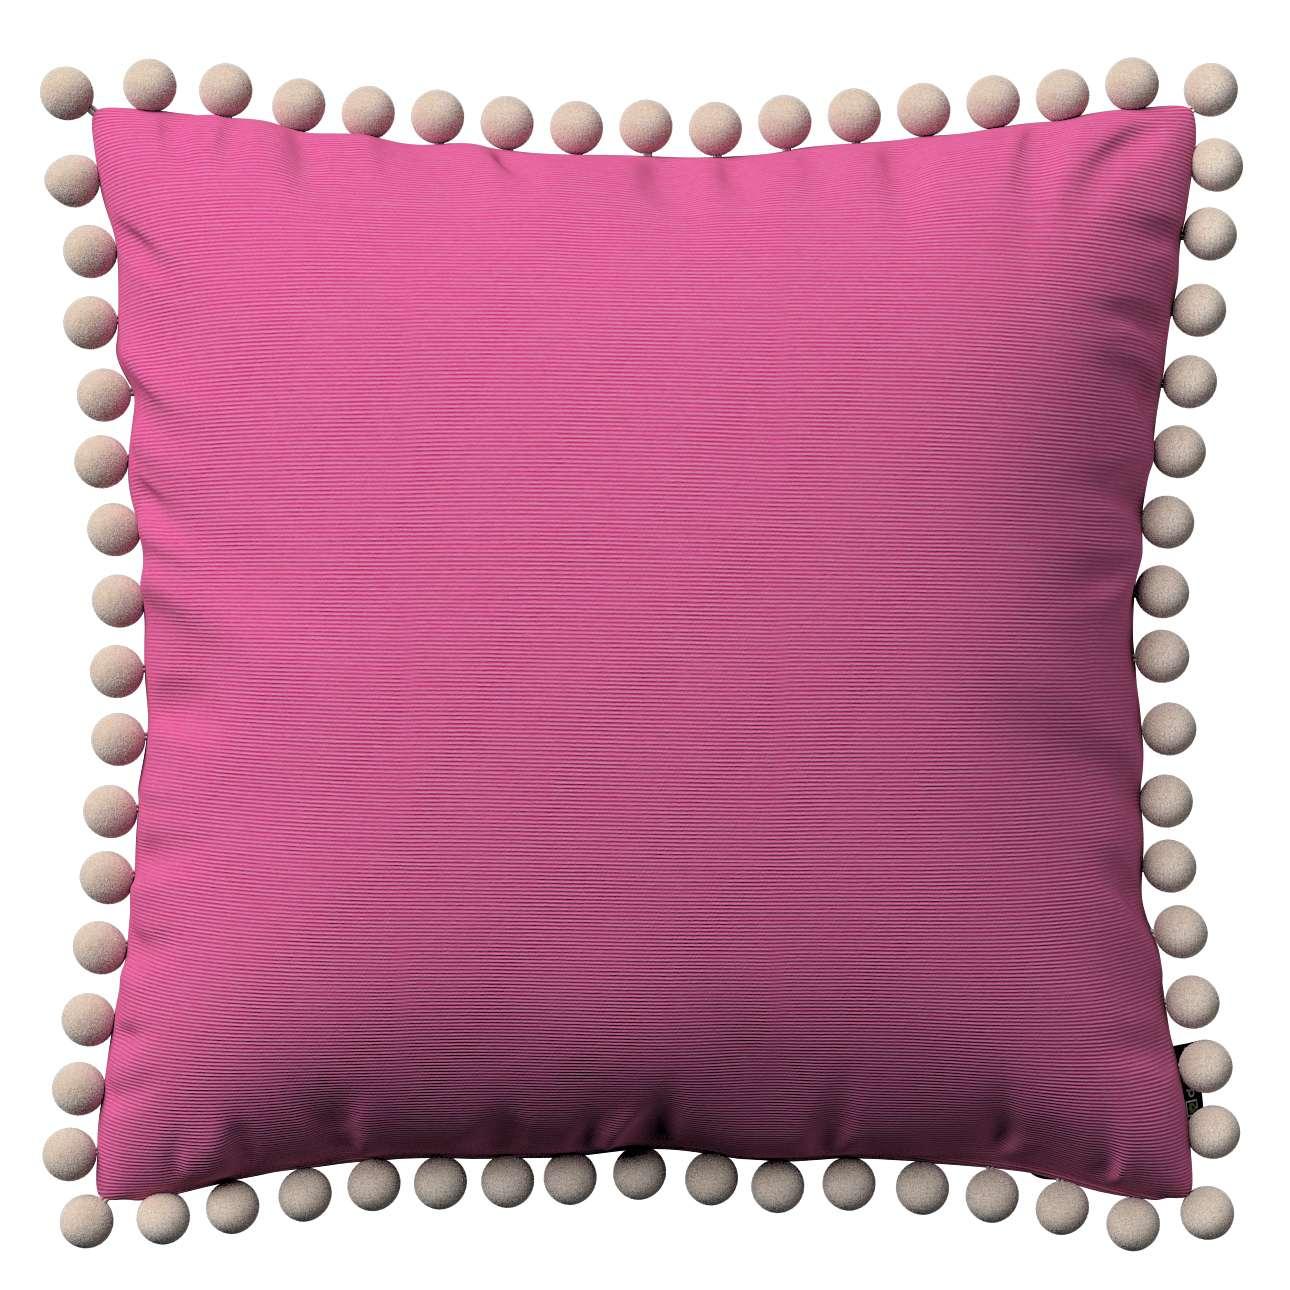 Wera dekoratyvinės pagalvėlės užvalkalas su žaismingais kraštais 45 x 45 cm kolekcijoje Jupiter, audinys: 127-24